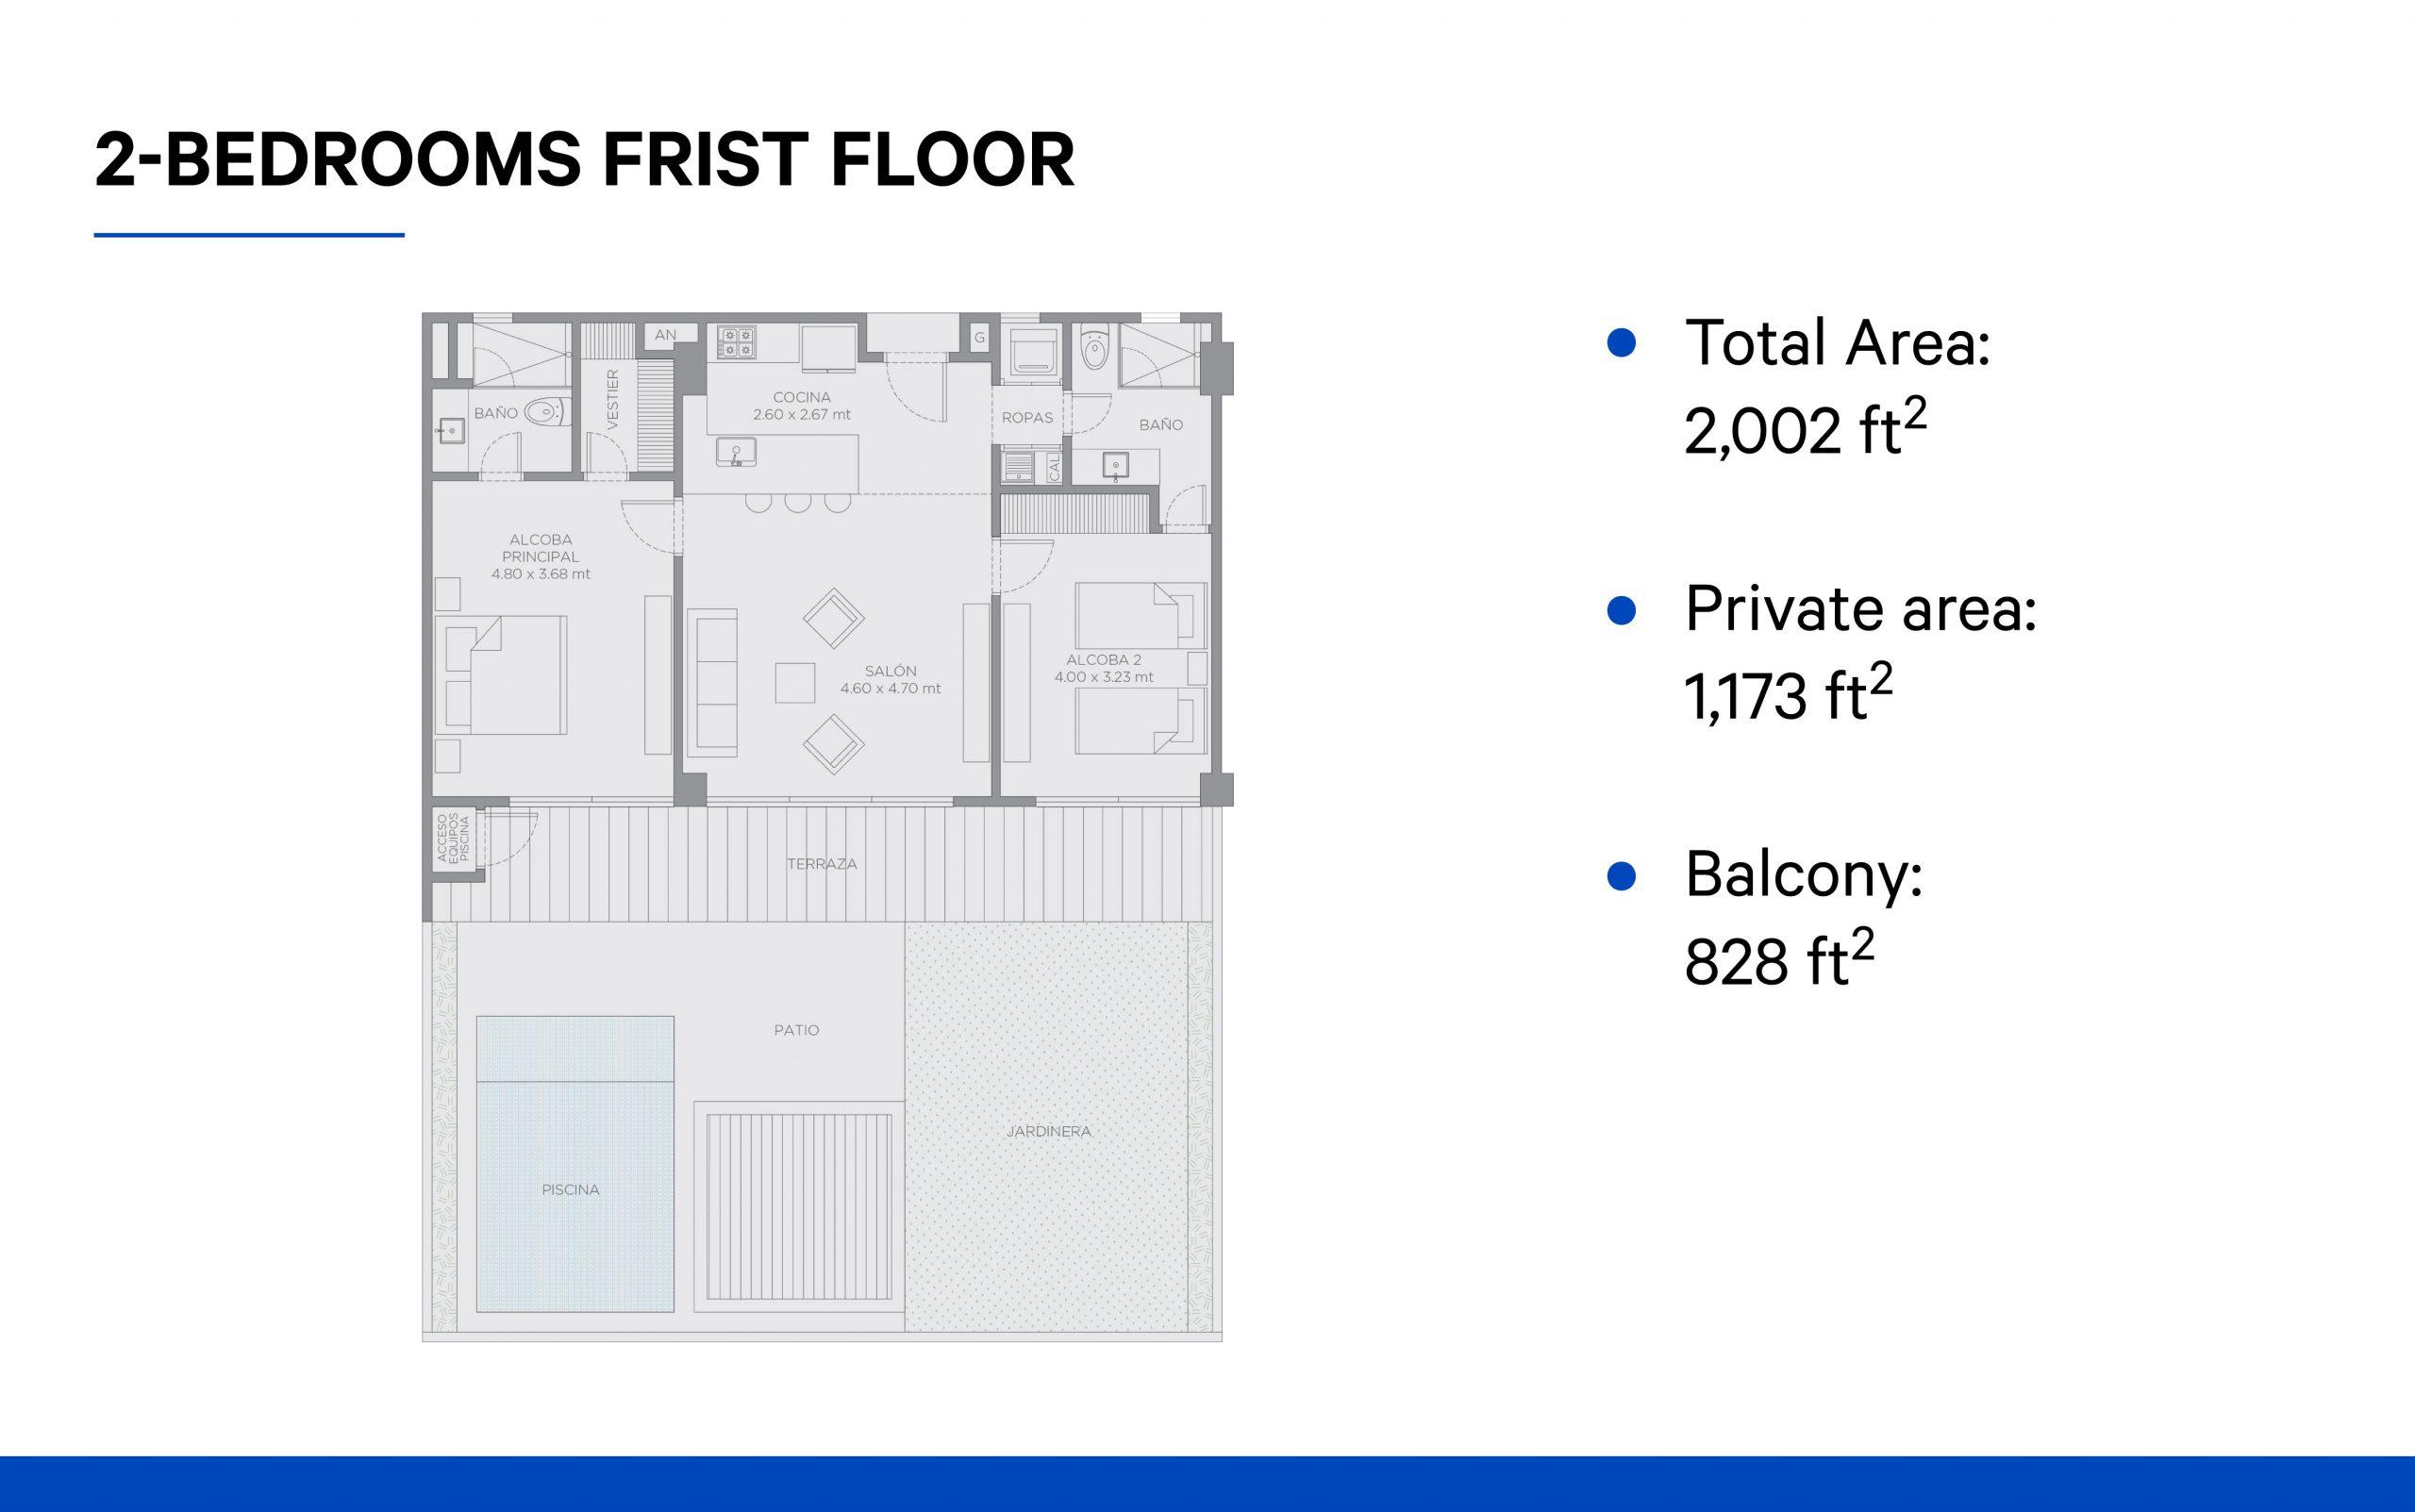 2-bedroom (first floor)